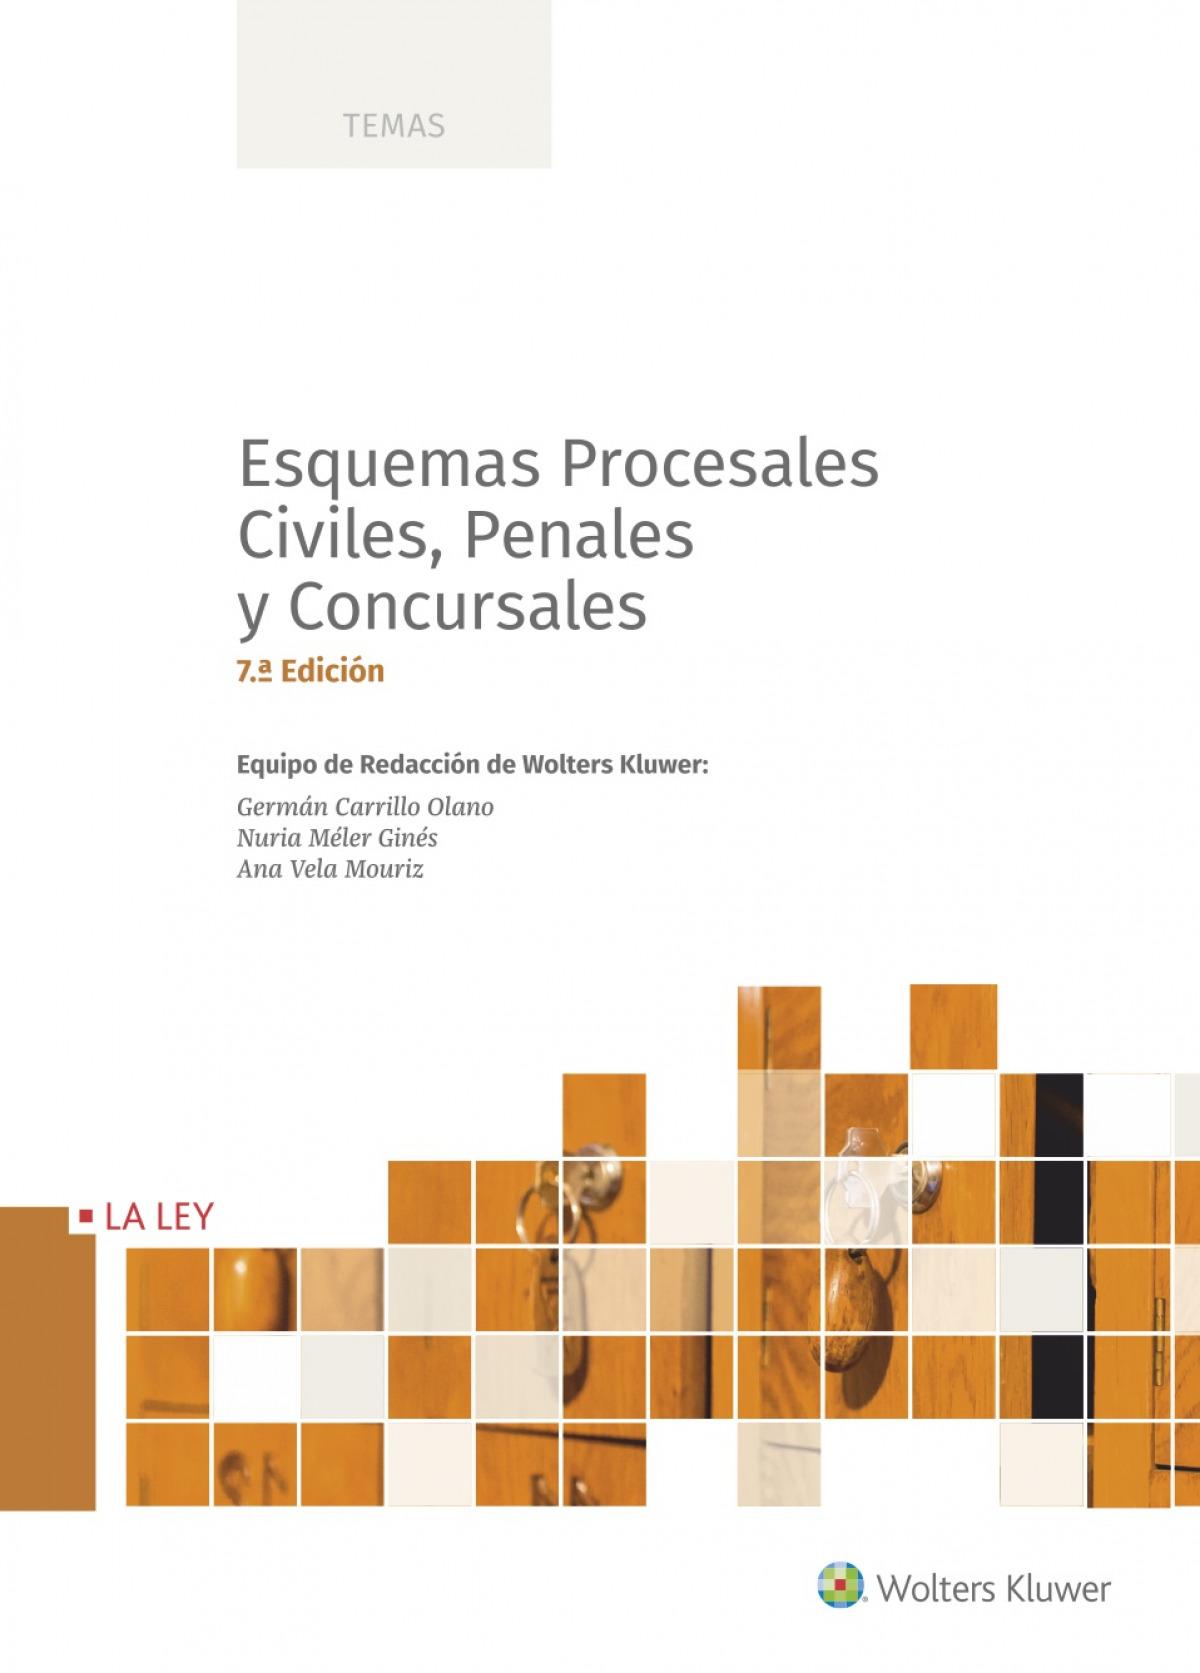 Esquemas procesales civiles, penales y concursales (7.a. edición) 9788418349768